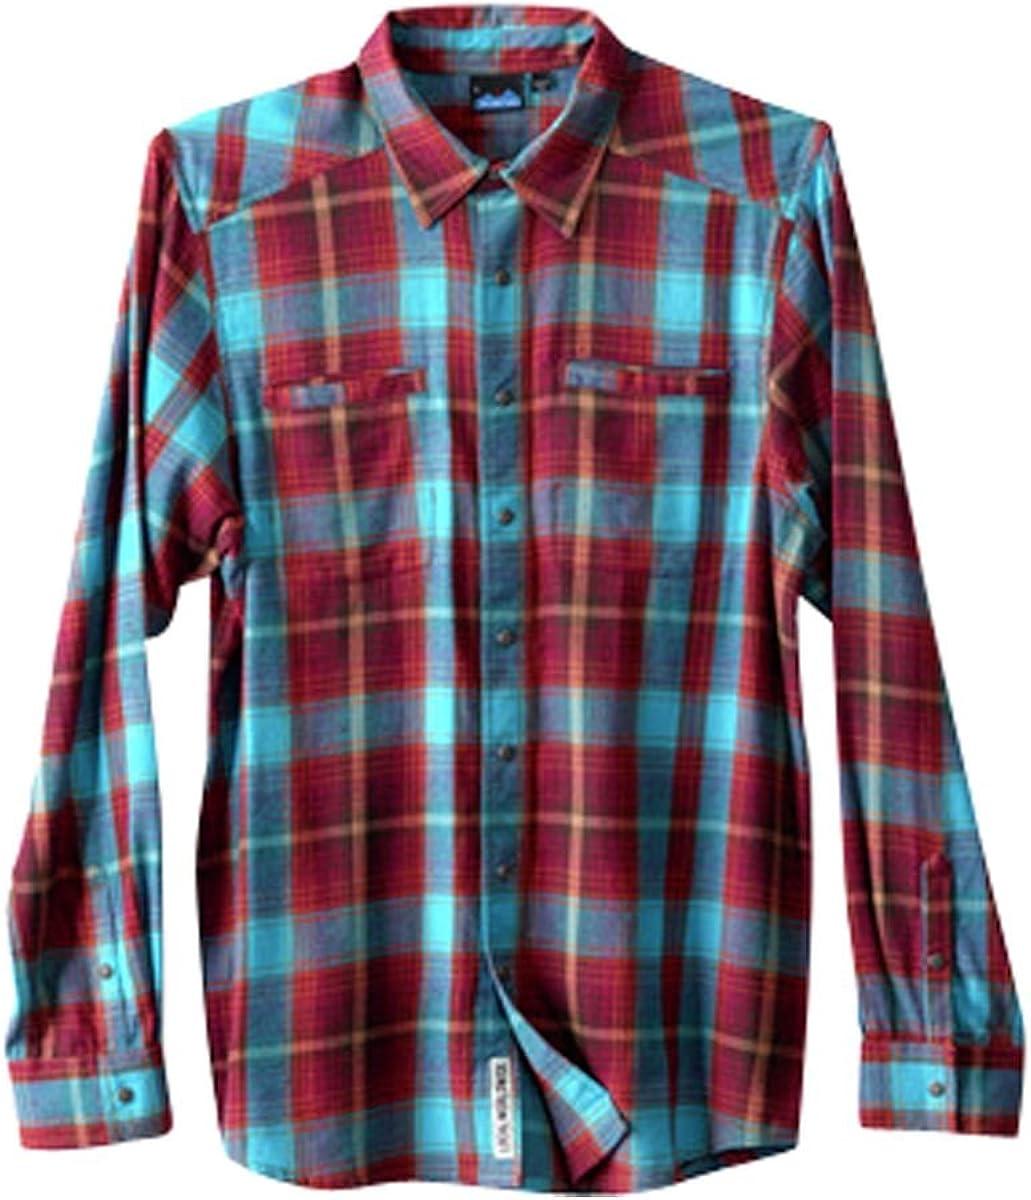 Superior KAVU Men's 55% OFF Harlan Shirt